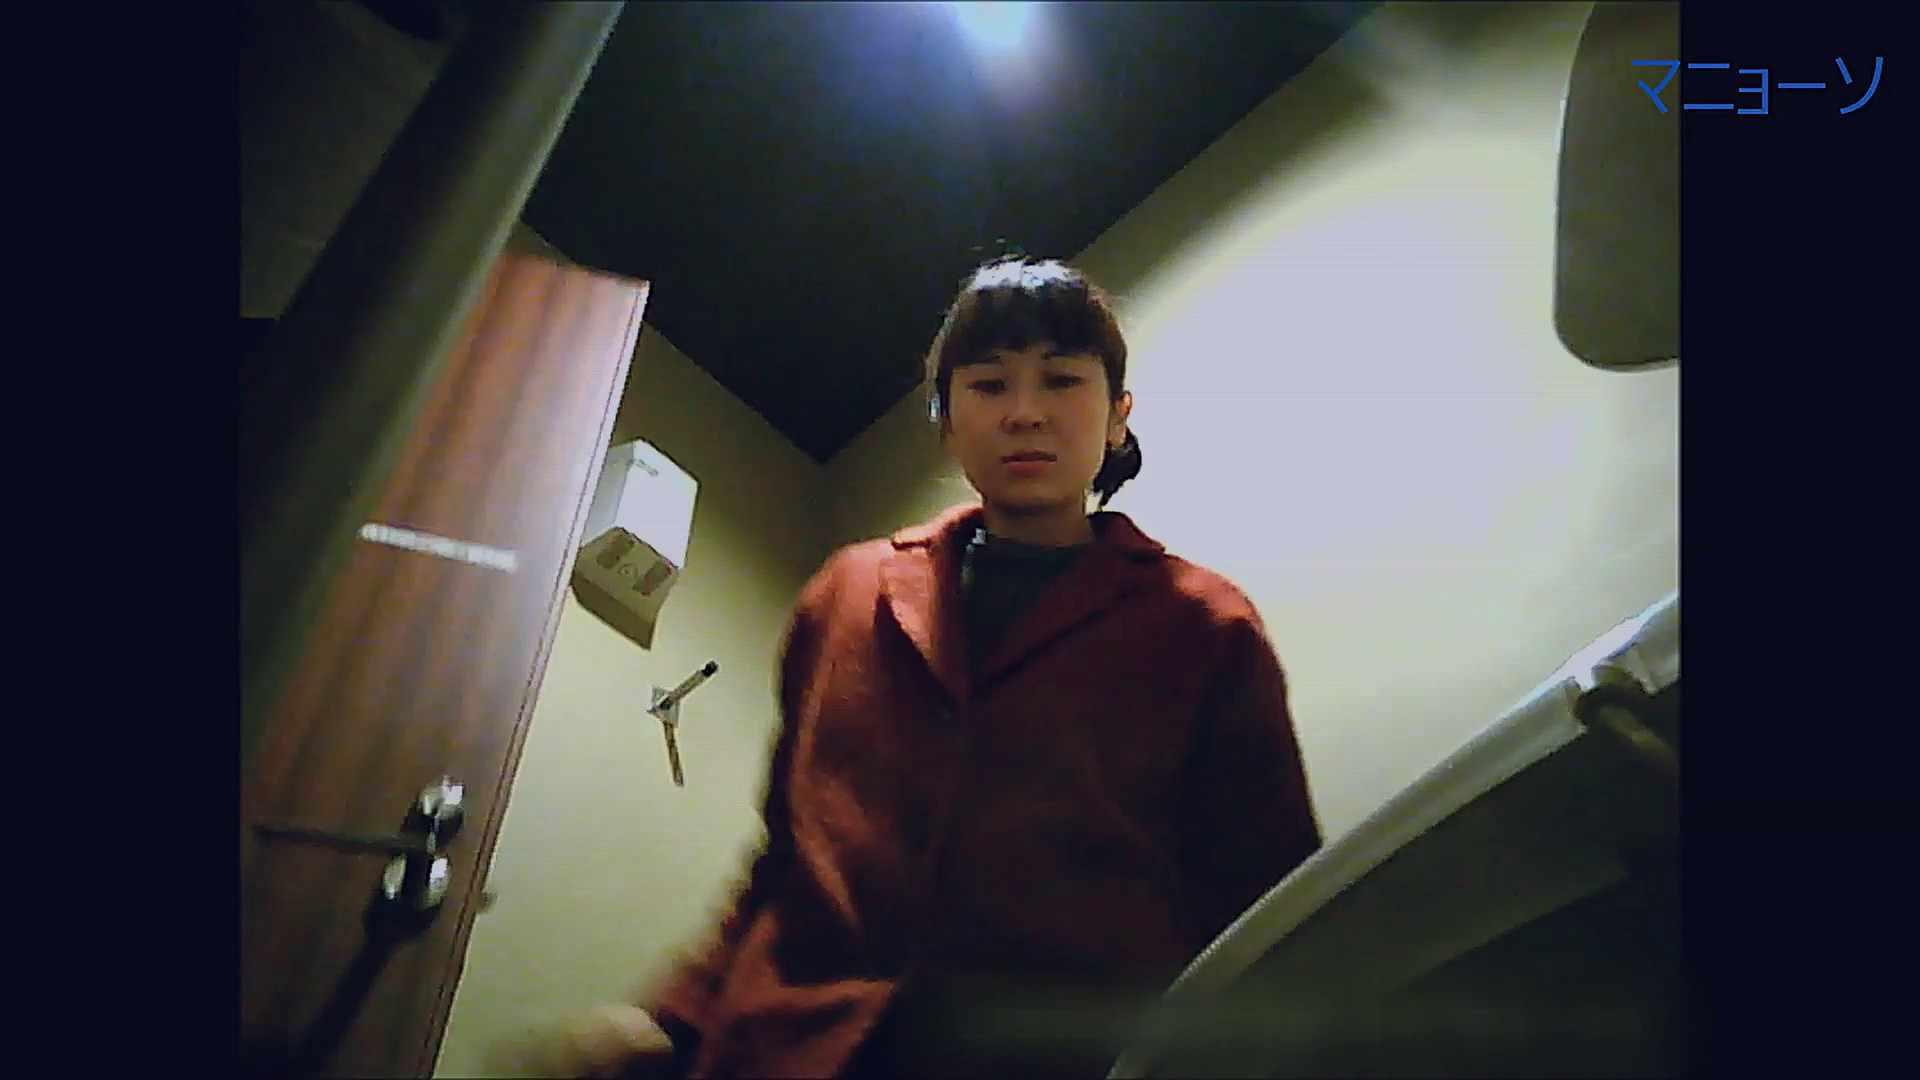 トイレでひと肌脱いでもらいました (JD編)Vol.07 トイレで・・・   高画質動画  54画像 1